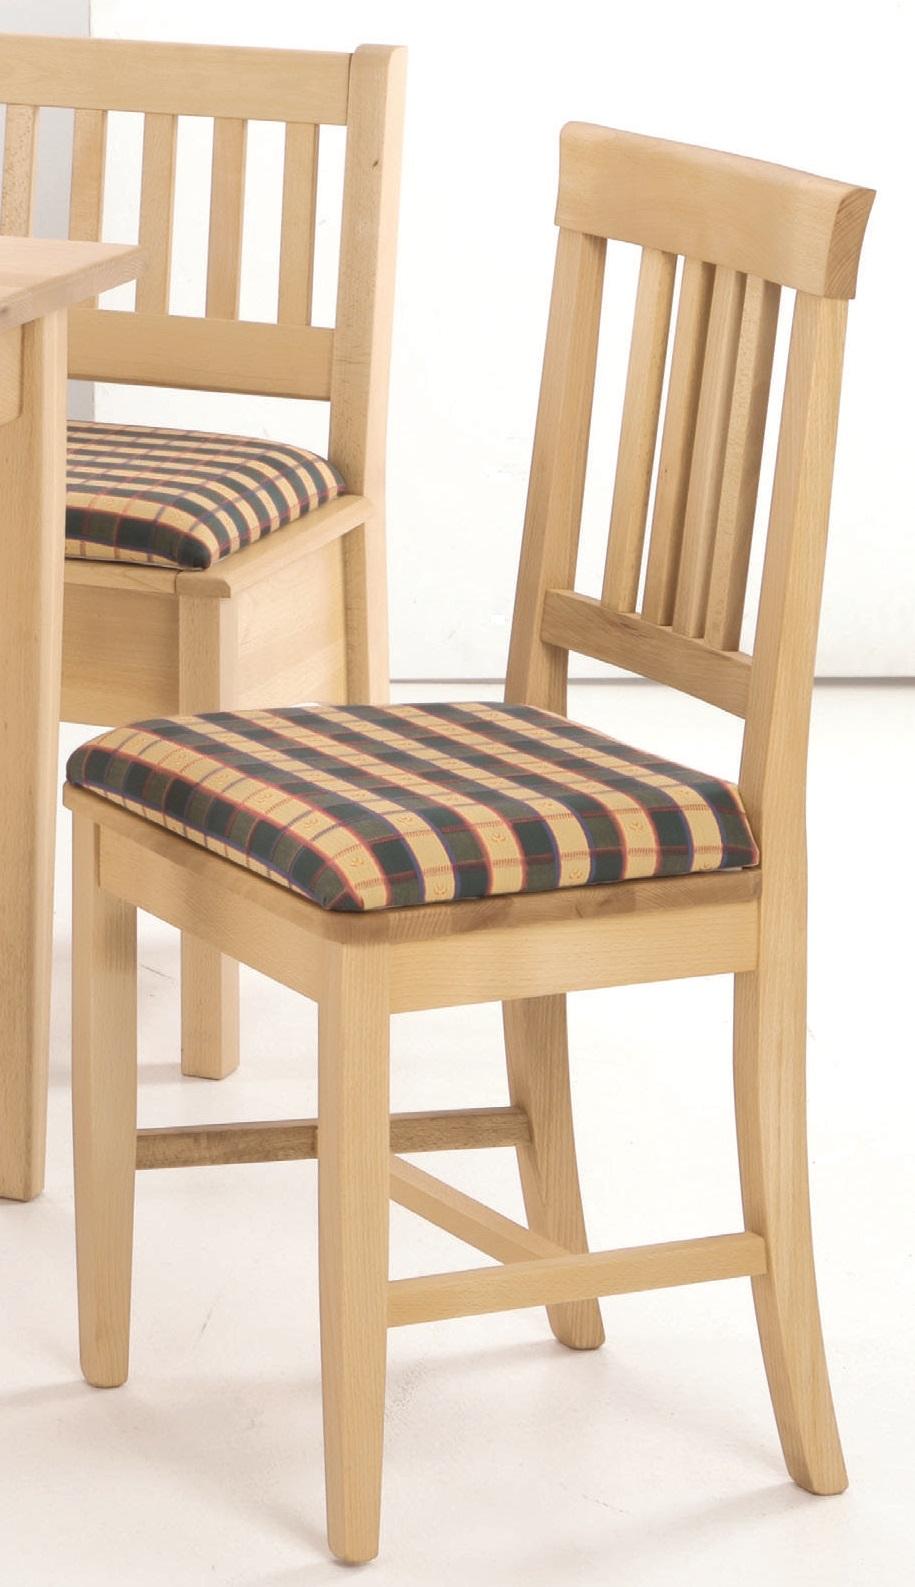 aktiv eckbankgruppe landhaus starnberg 145 x. Black Bedroom Furniture Sets. Home Design Ideas